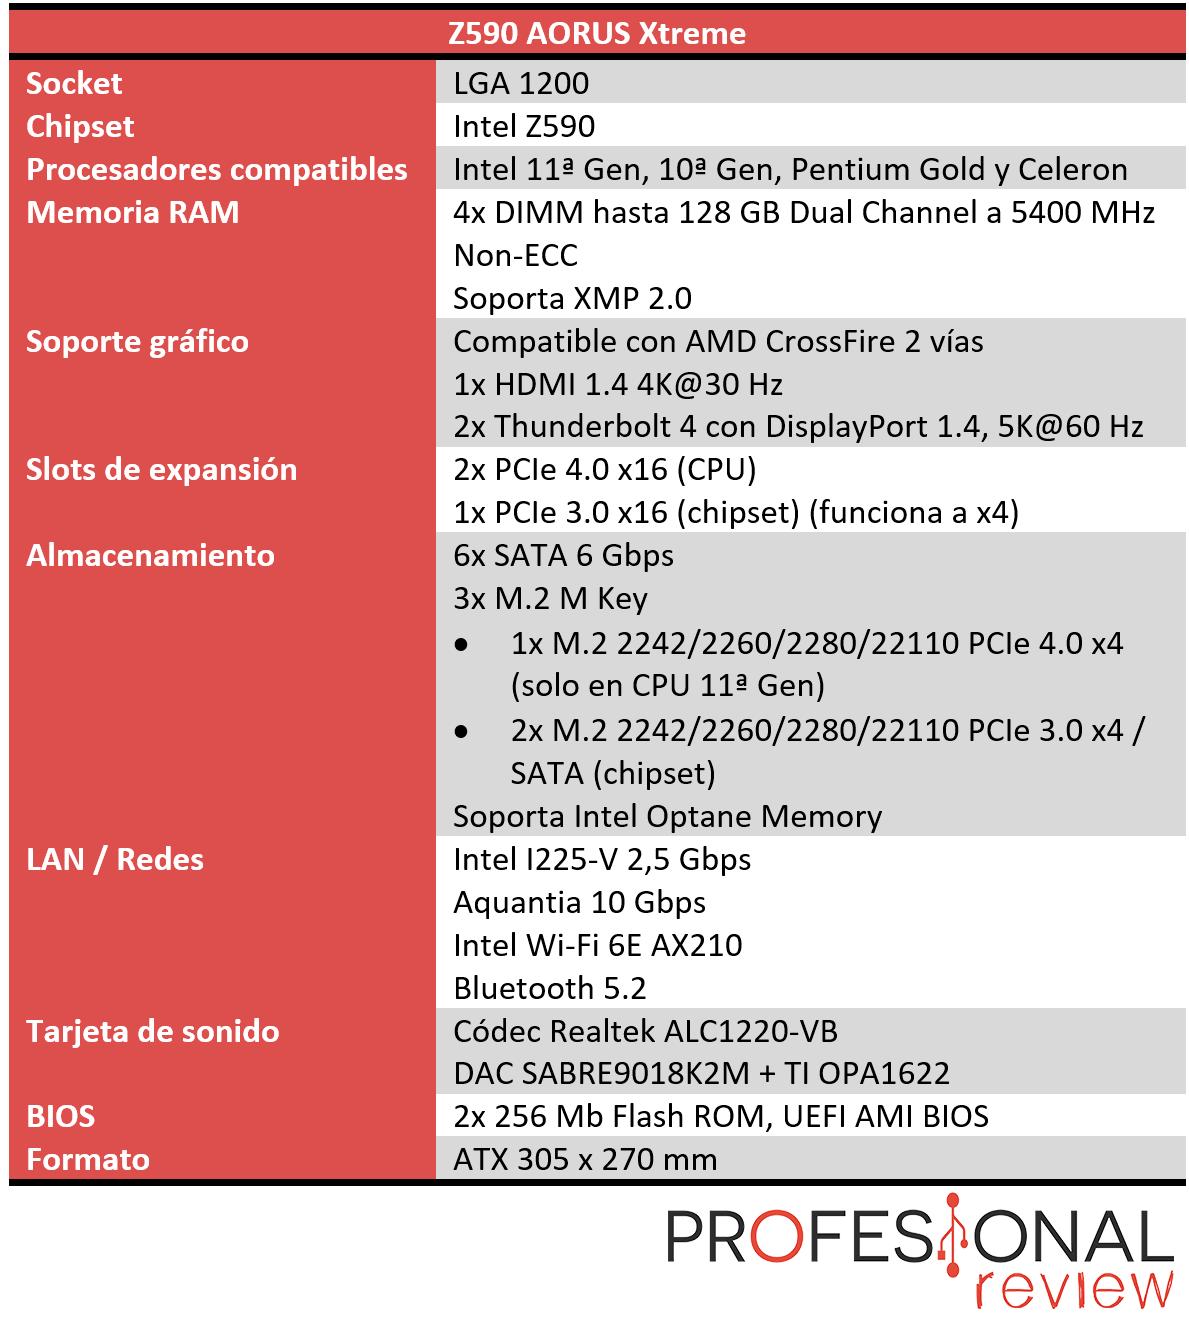 Z590 AORUS Xtreme Características